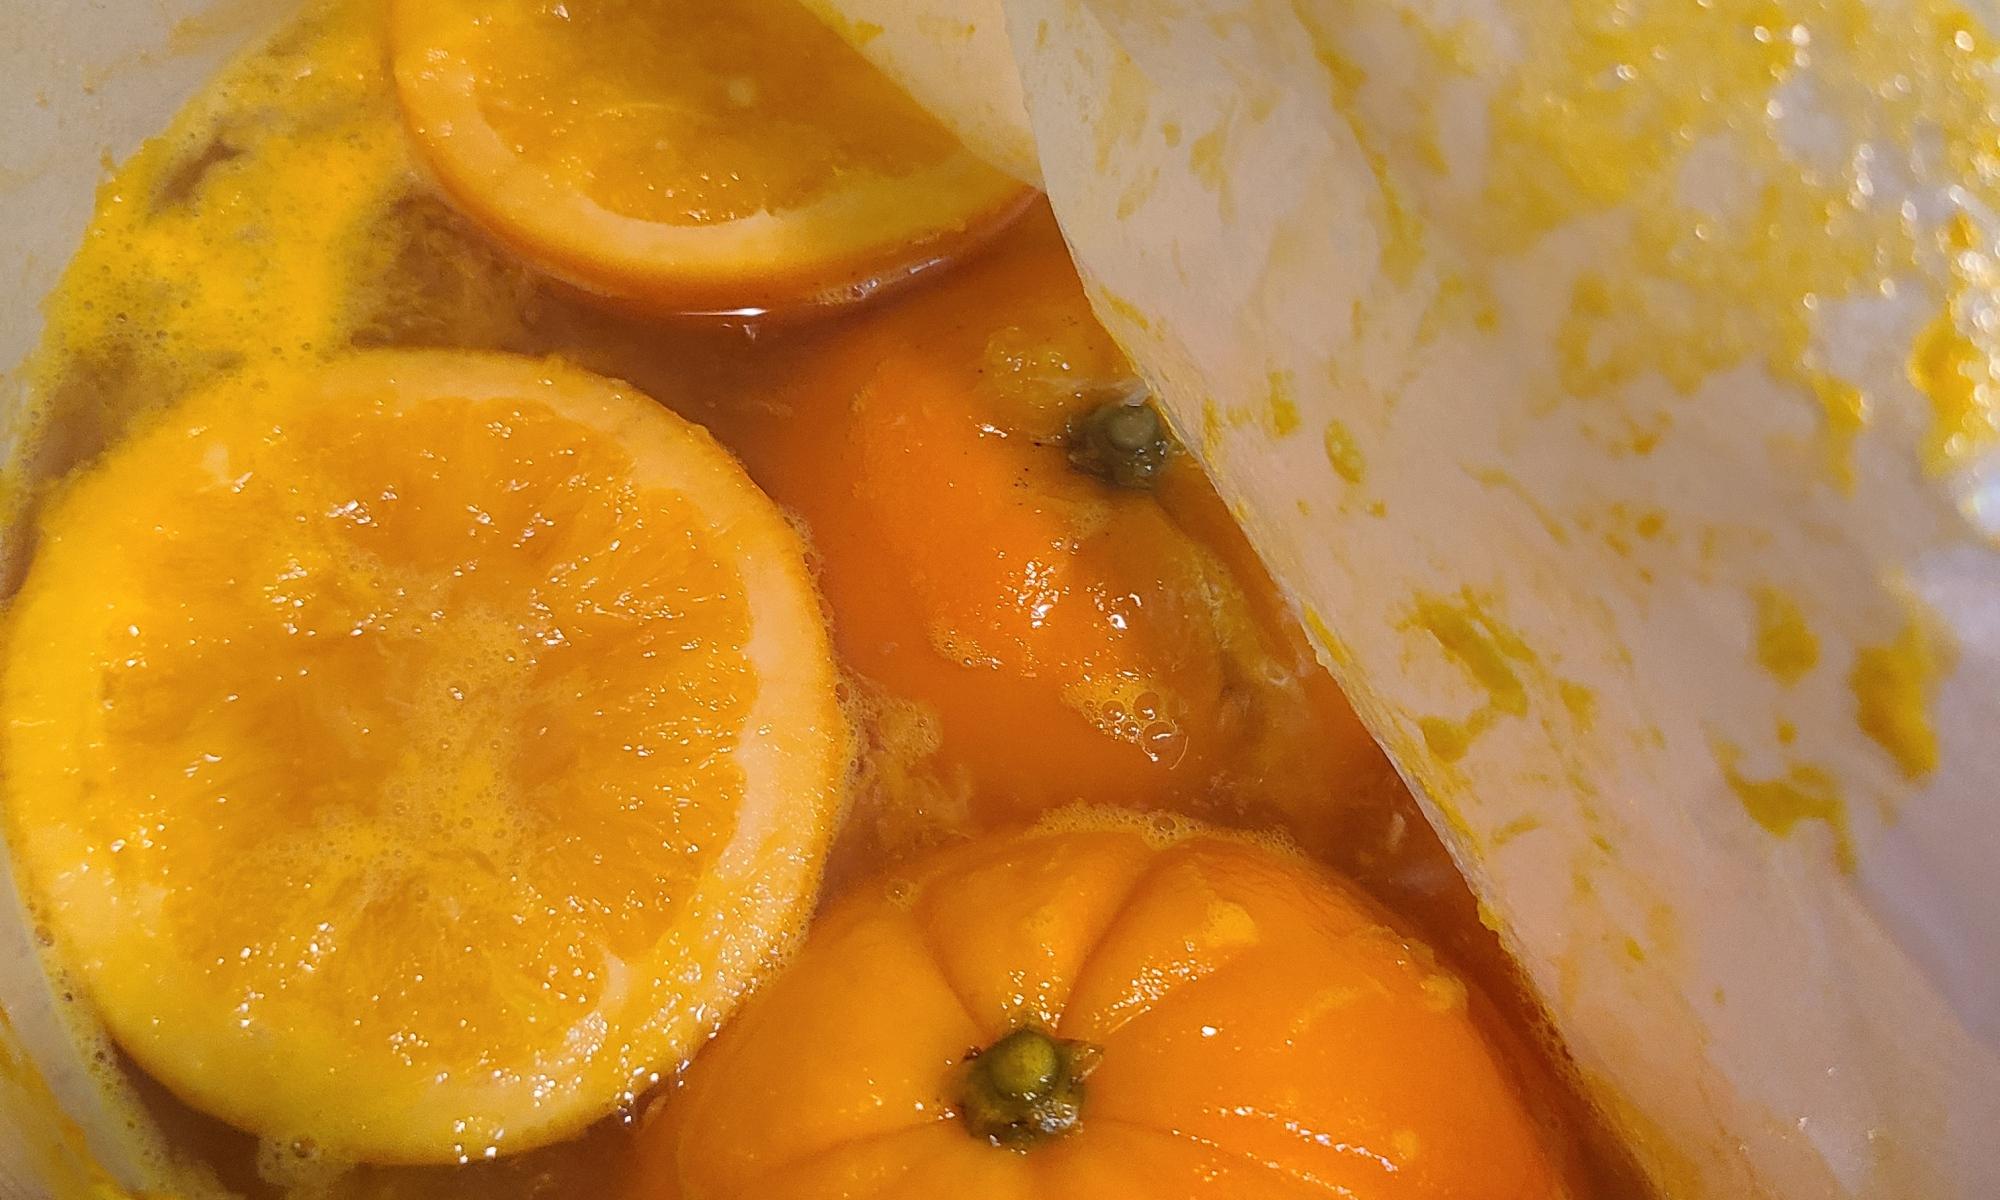 コトコト煮ている鍋いっぱいのオレンジ